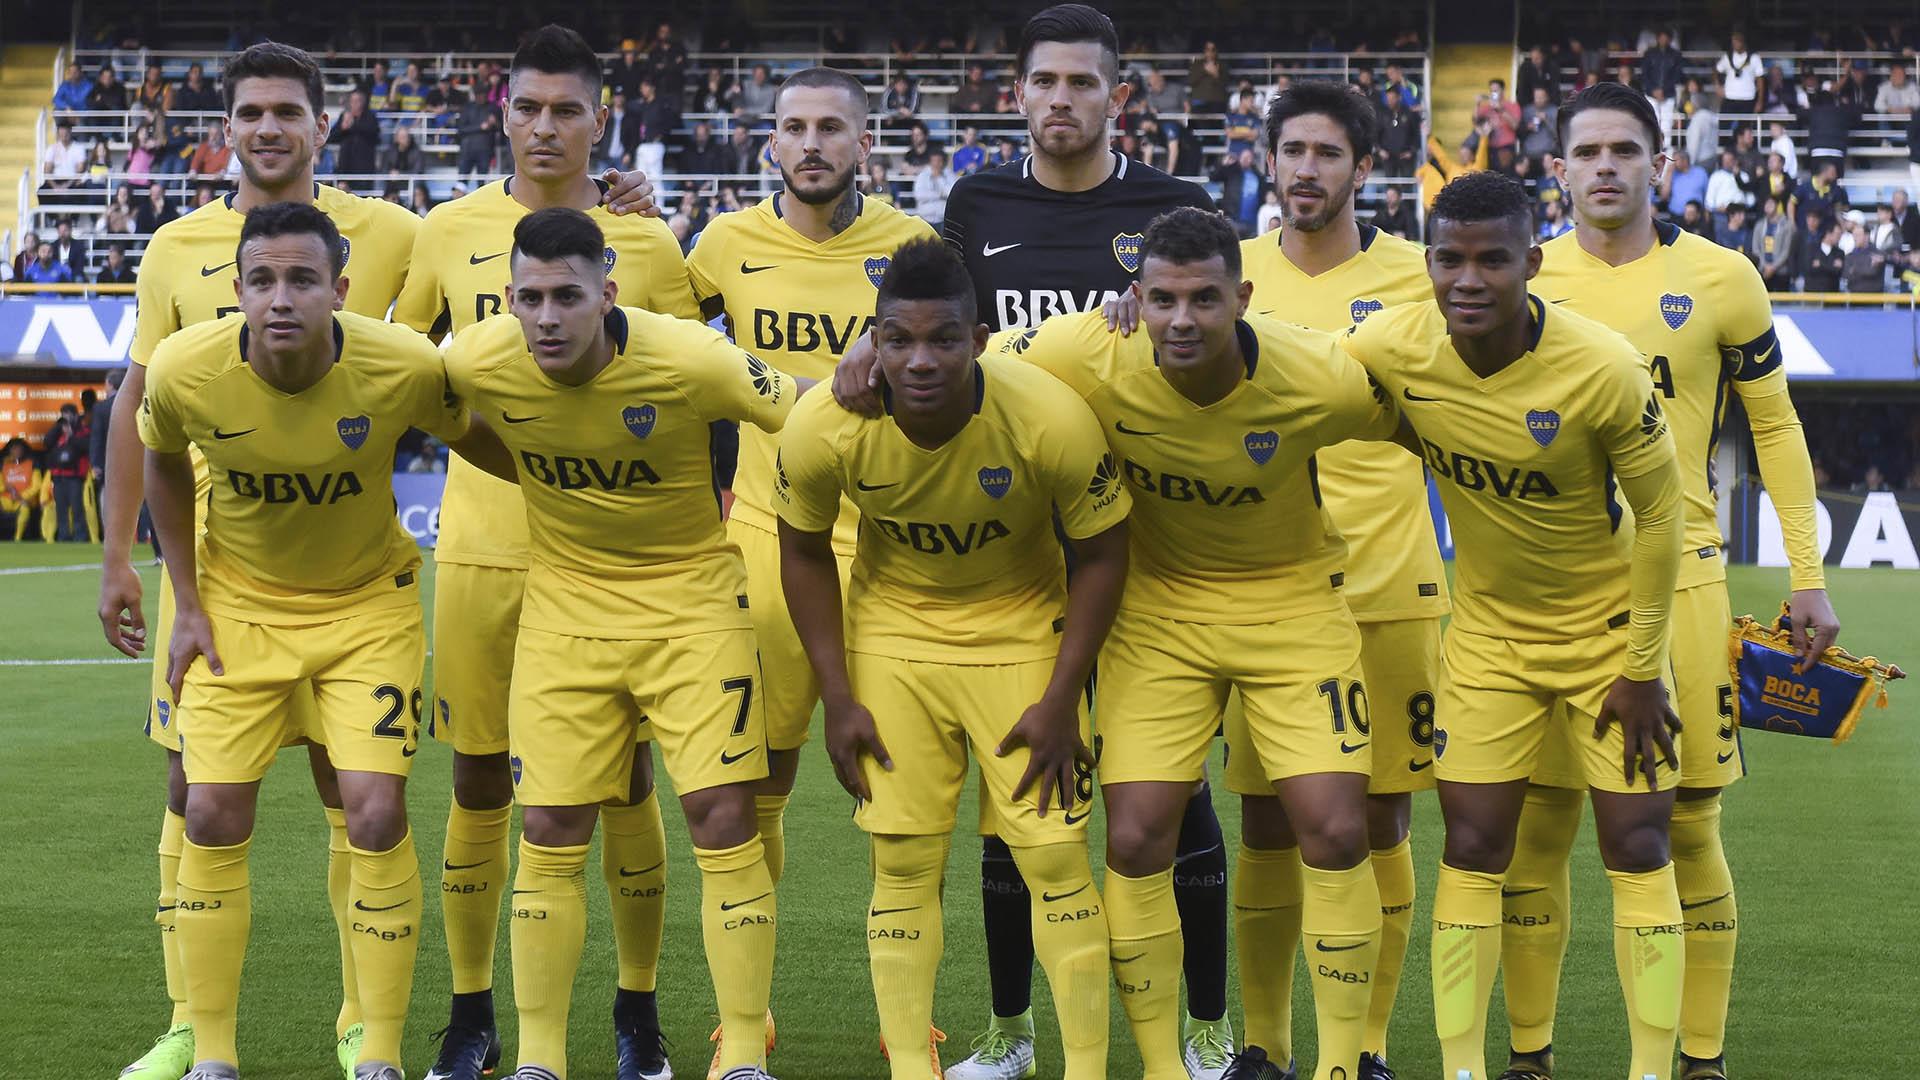 """El """"equipo de memoria"""" con el que arrancó Boca la temporada (Foto: Getty Images)"""